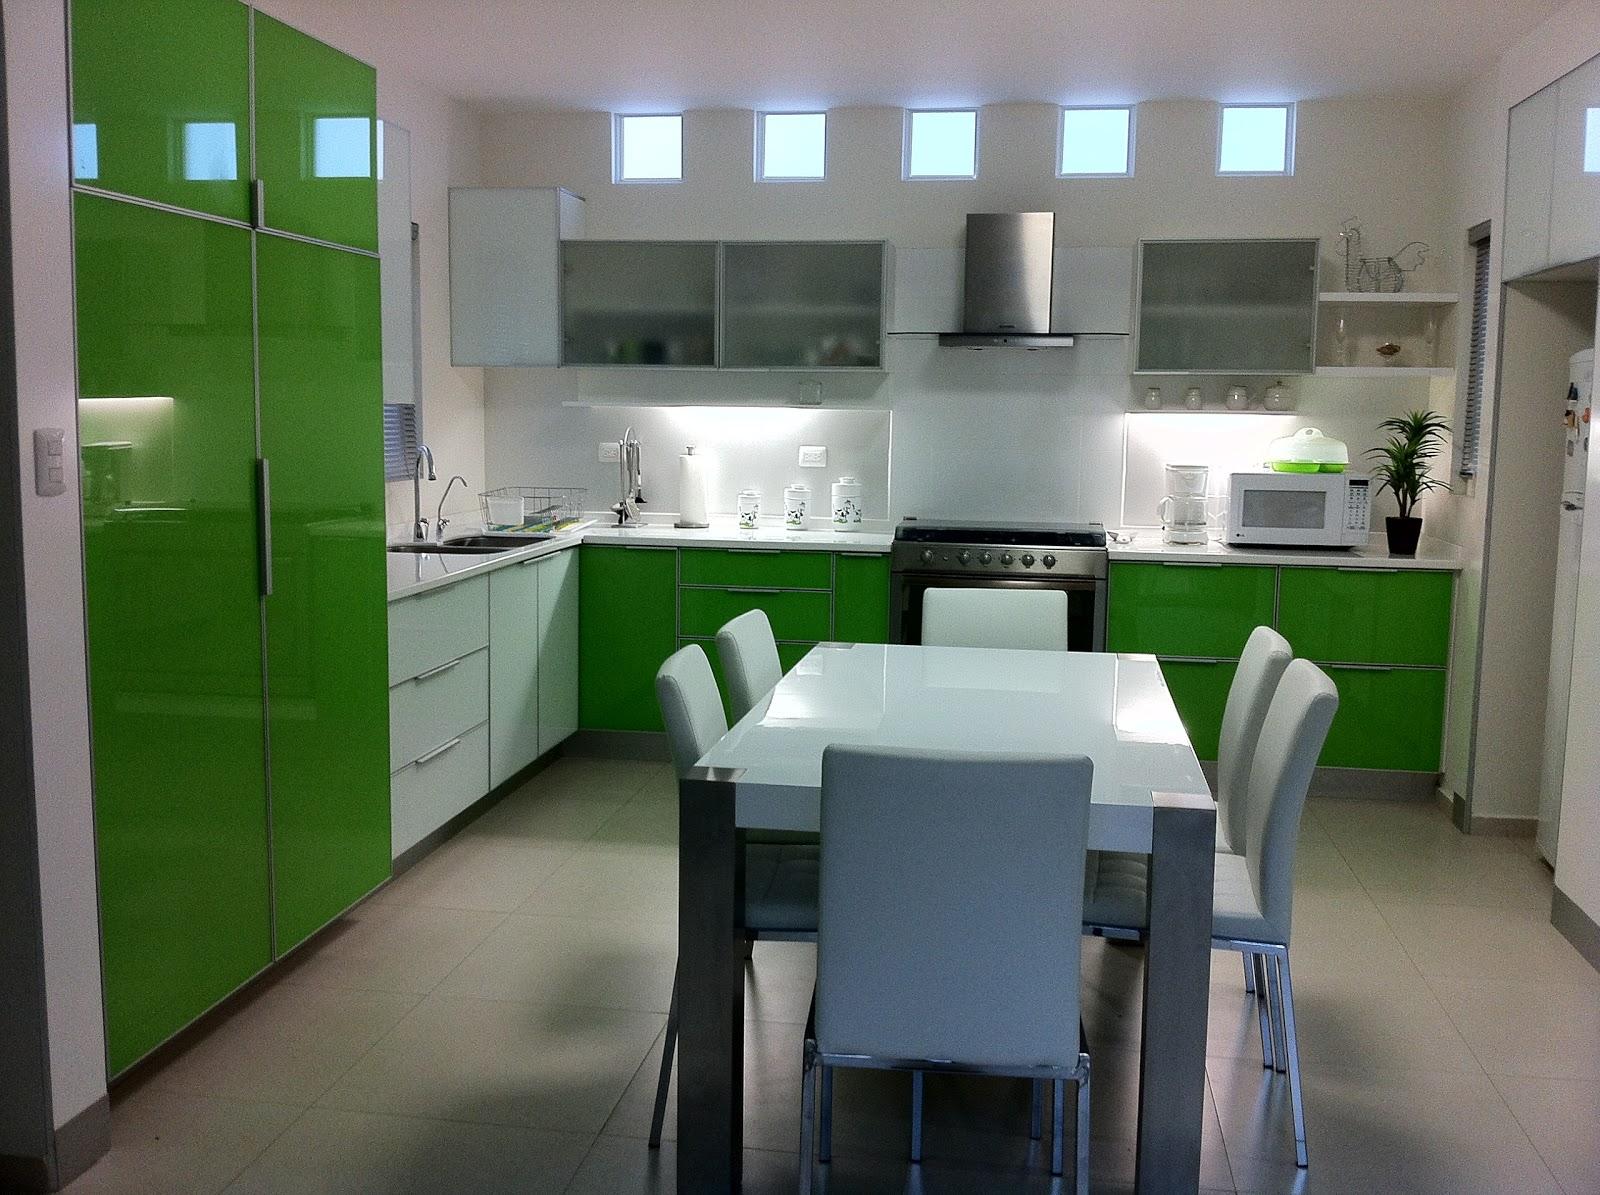 Heynez cocinas modernas for Cocina moderna de color